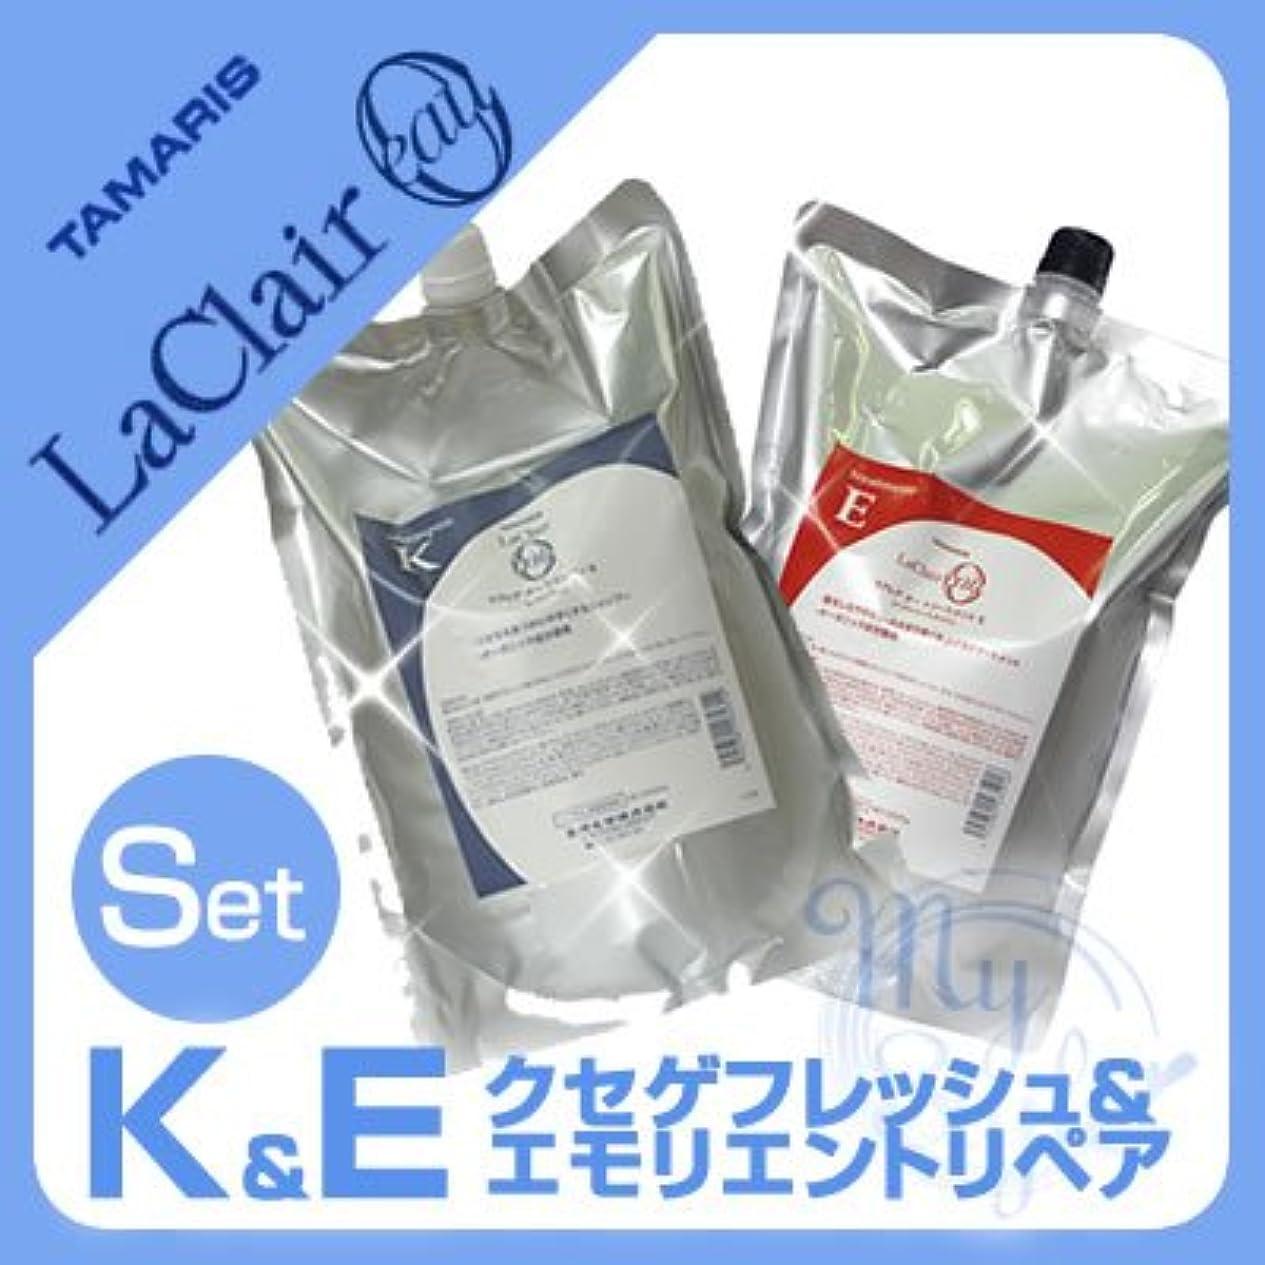 化学薬品トレーニングレキシコンタマリス ラクレア オー クセゲフレッシュK <2000mL>& エモリエントリペアE <2000g> 詰め替えTAMARIS LaClair eau